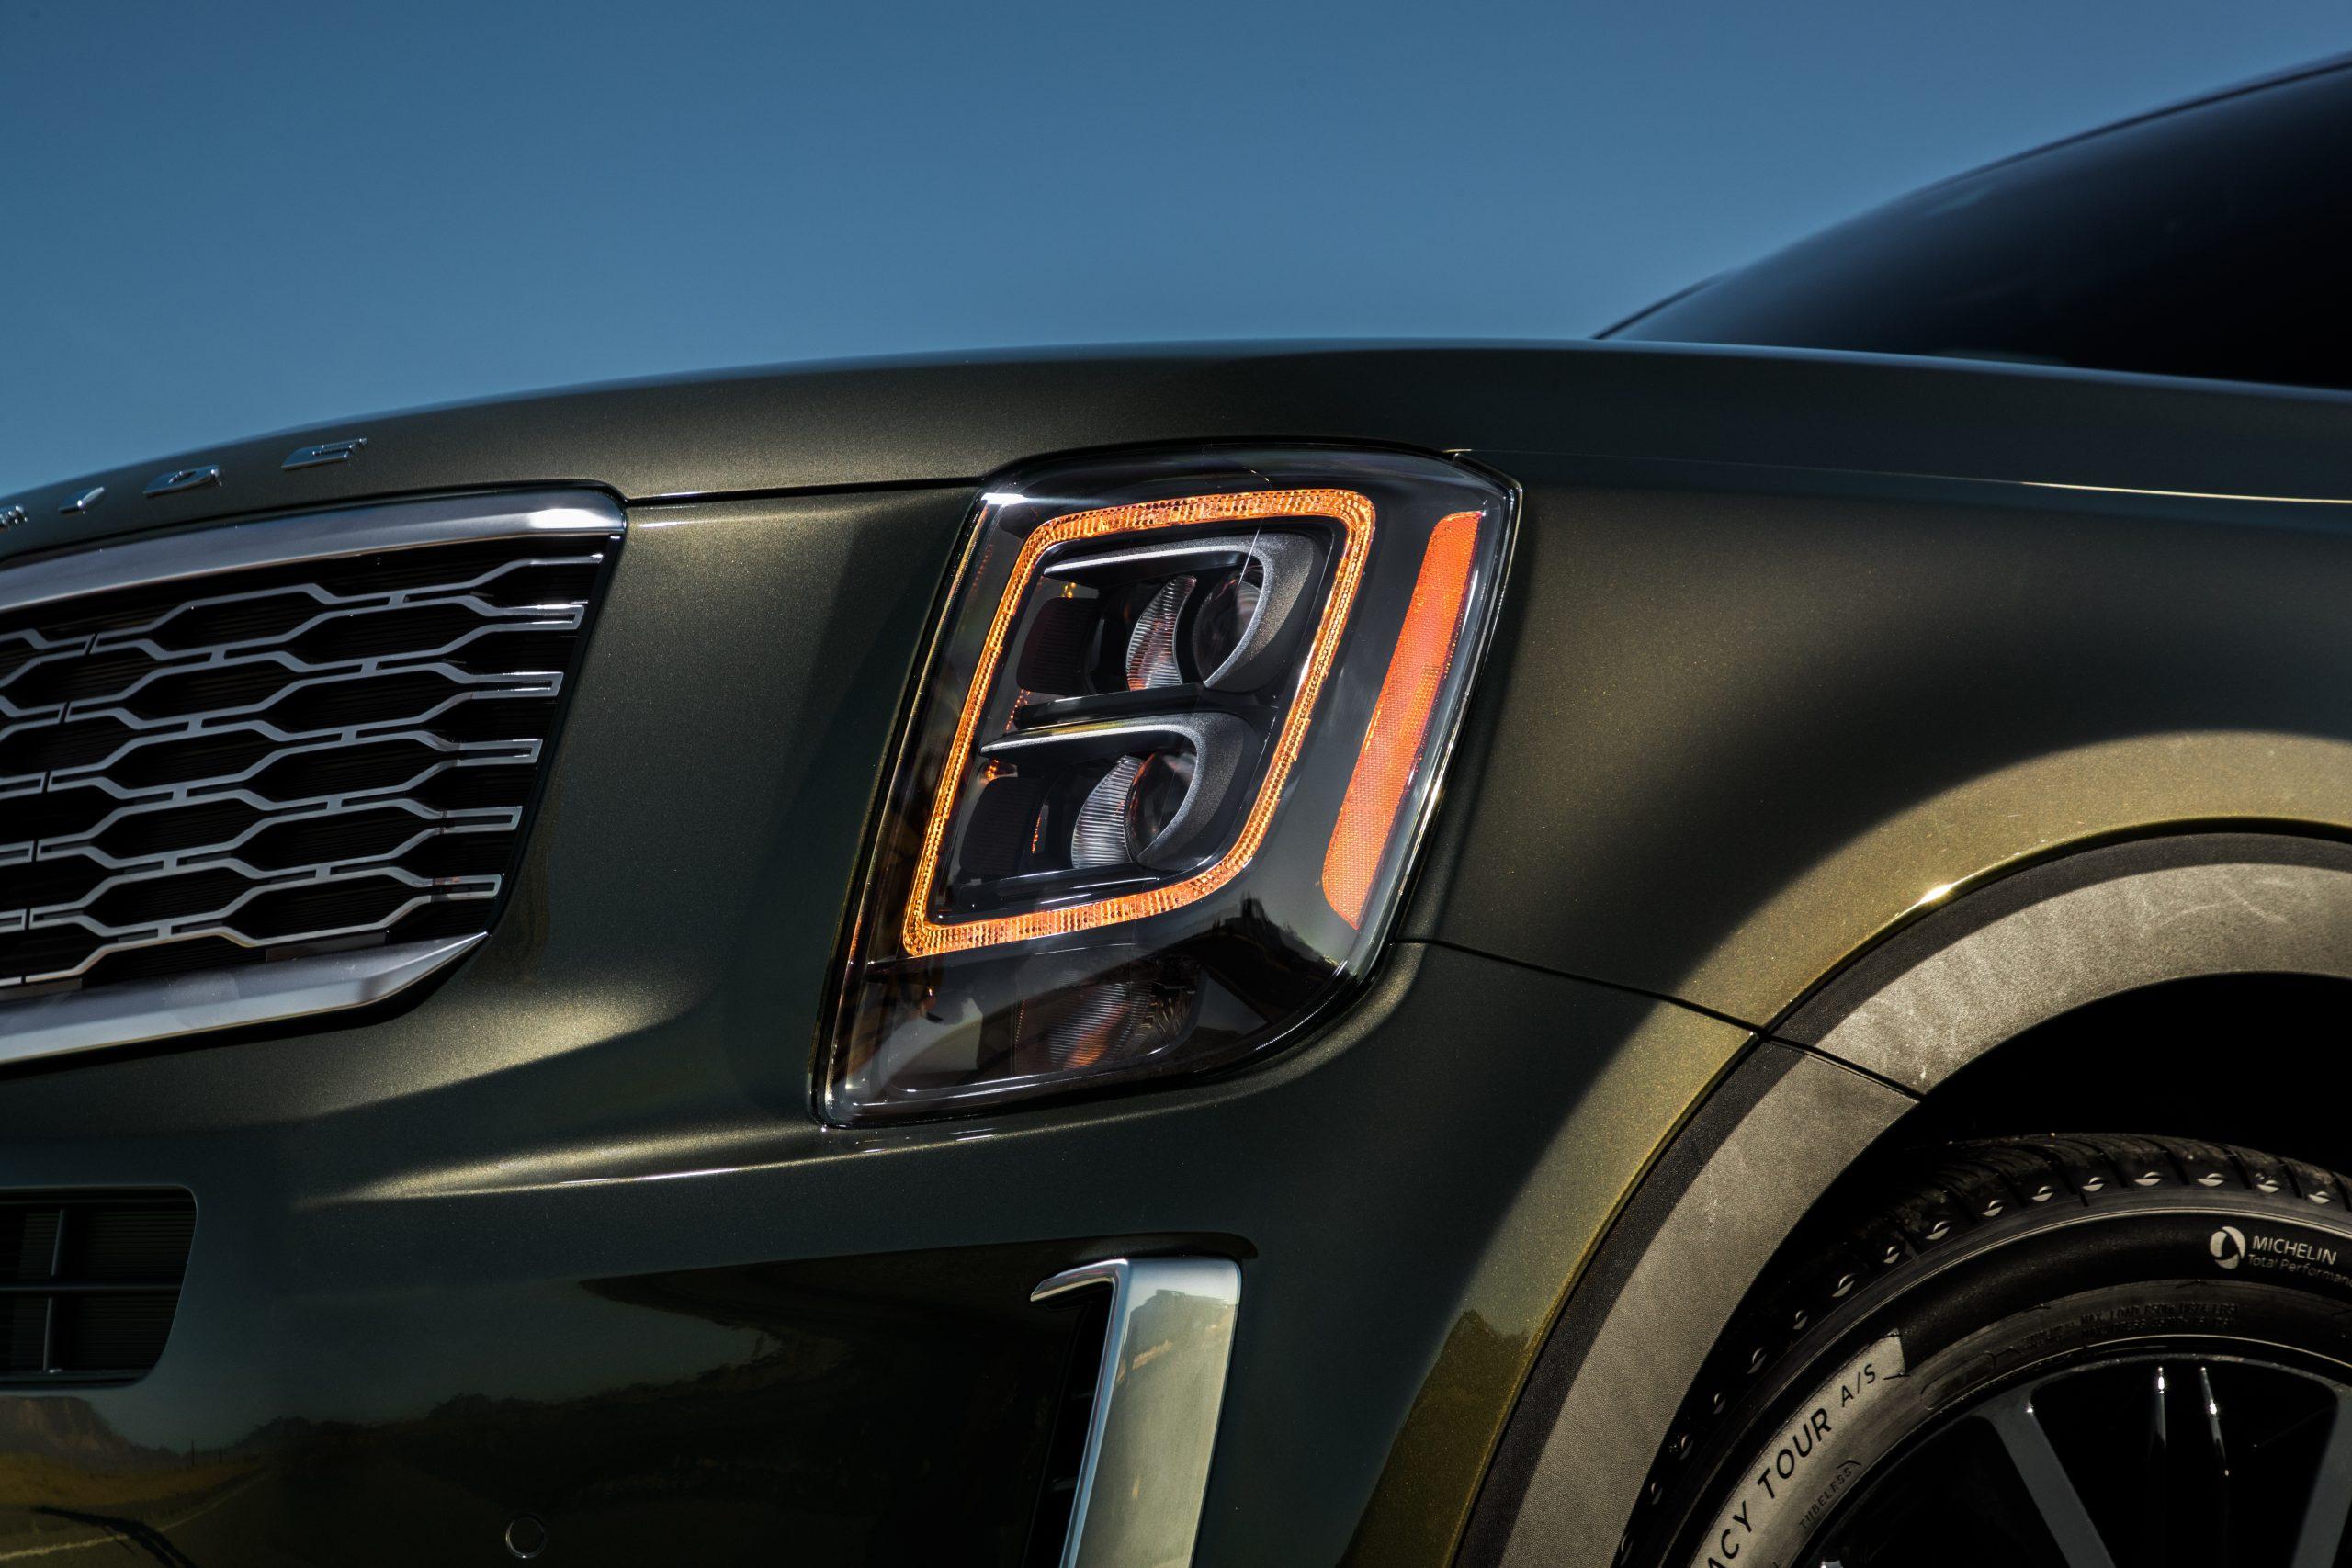 2021 Kia Telluride amber DRL headlight